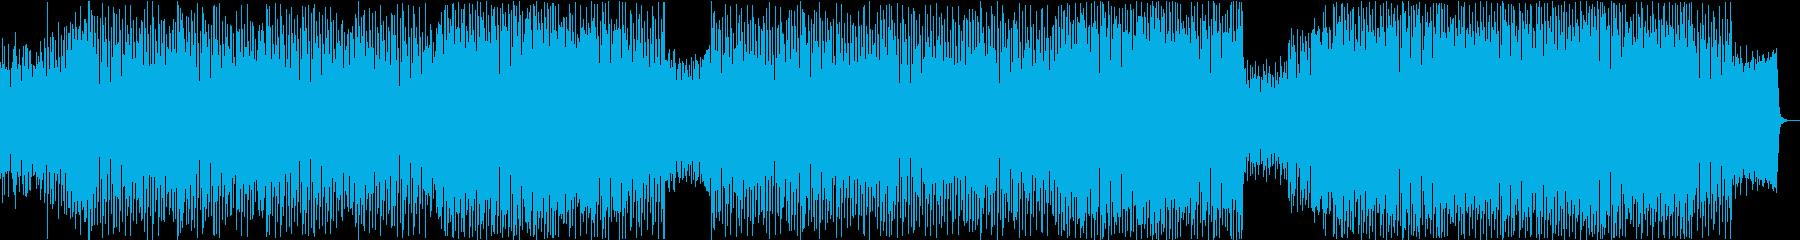 未来っぽさを感じるエレクトロポップの再生済みの波形